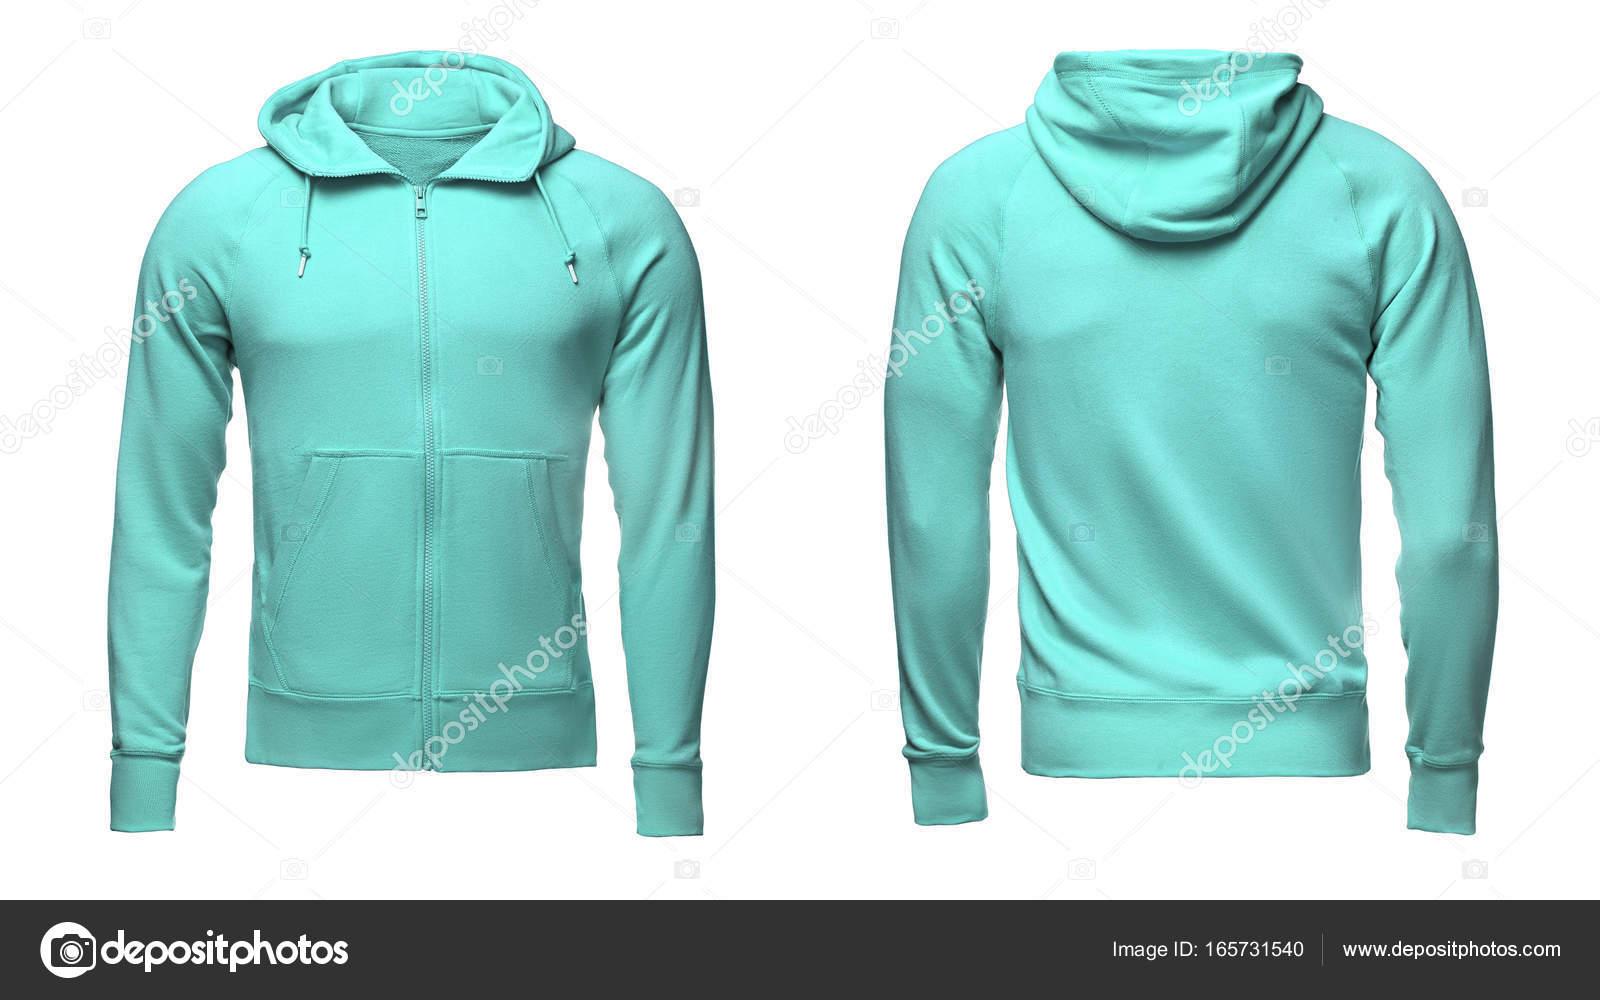 400a9f5f30 Leere Türkis Männer Hoodie Sweatshirt mit Beschneidungspfad, Herren Pullover  für Ihre Design-Modell und